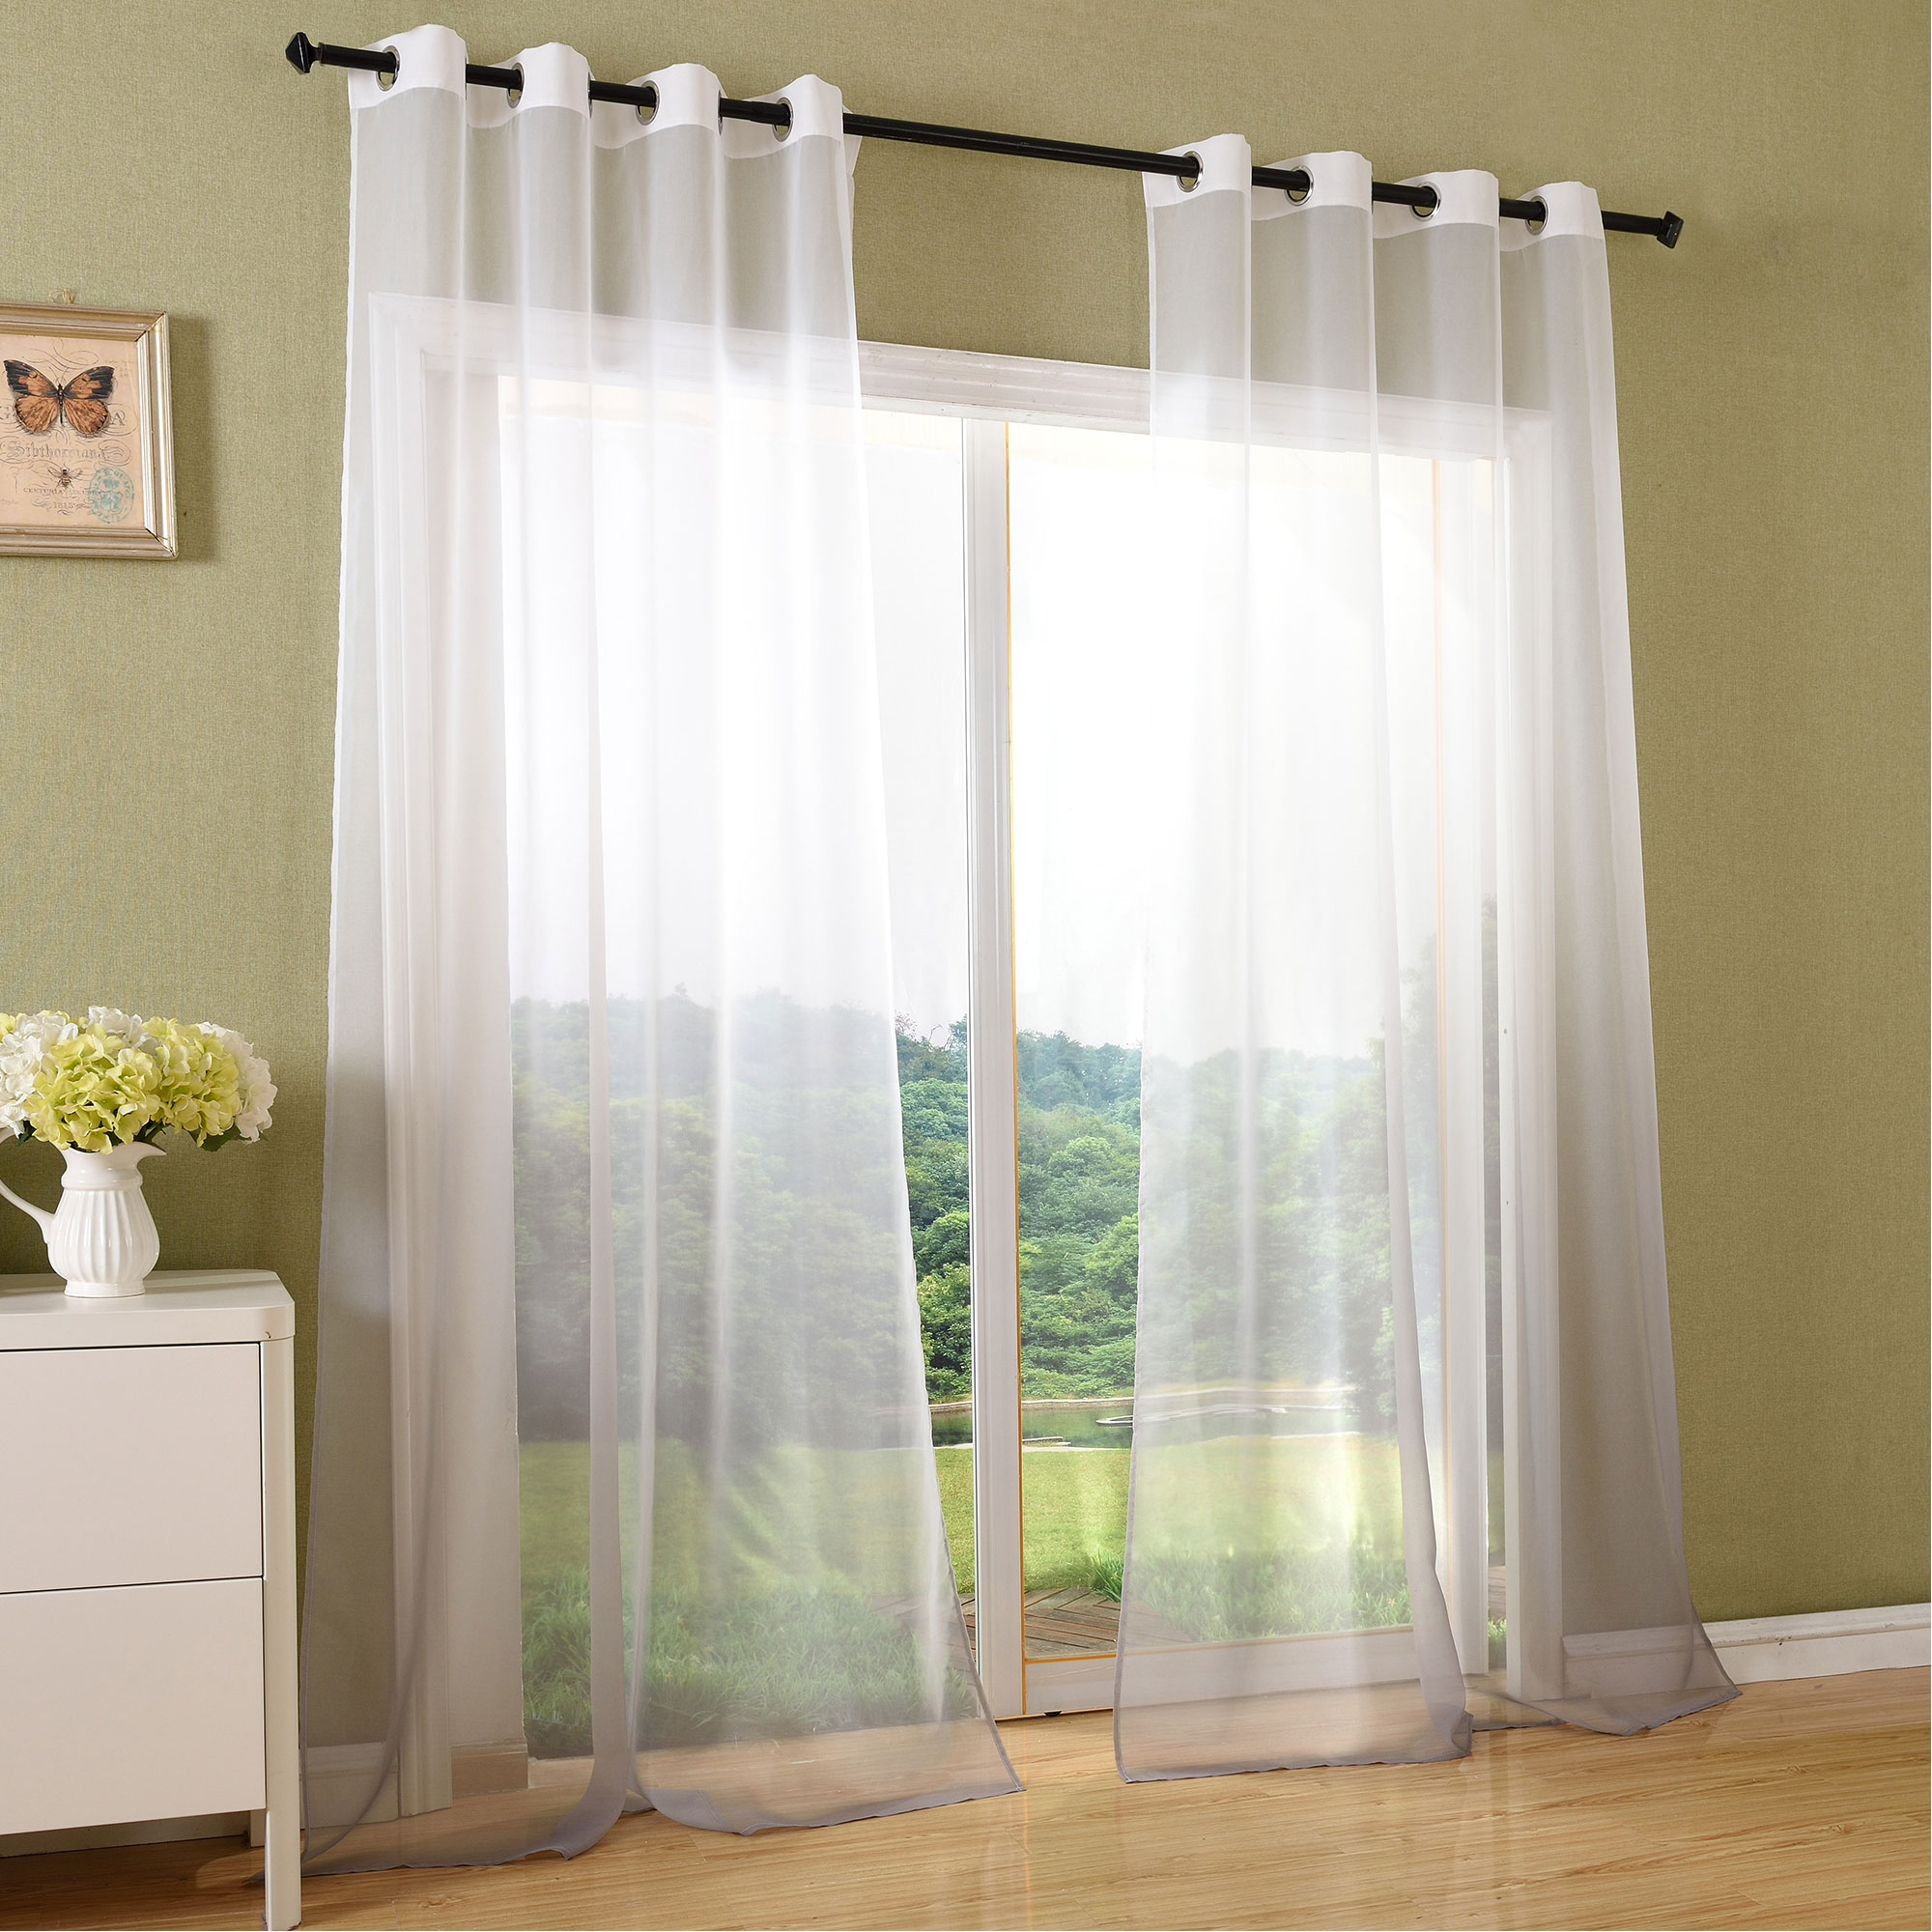 farbverlauf senschal sen vorhang schiebegardine fl chenvorhang 204200 ebay. Black Bedroom Furniture Sets. Home Design Ideas